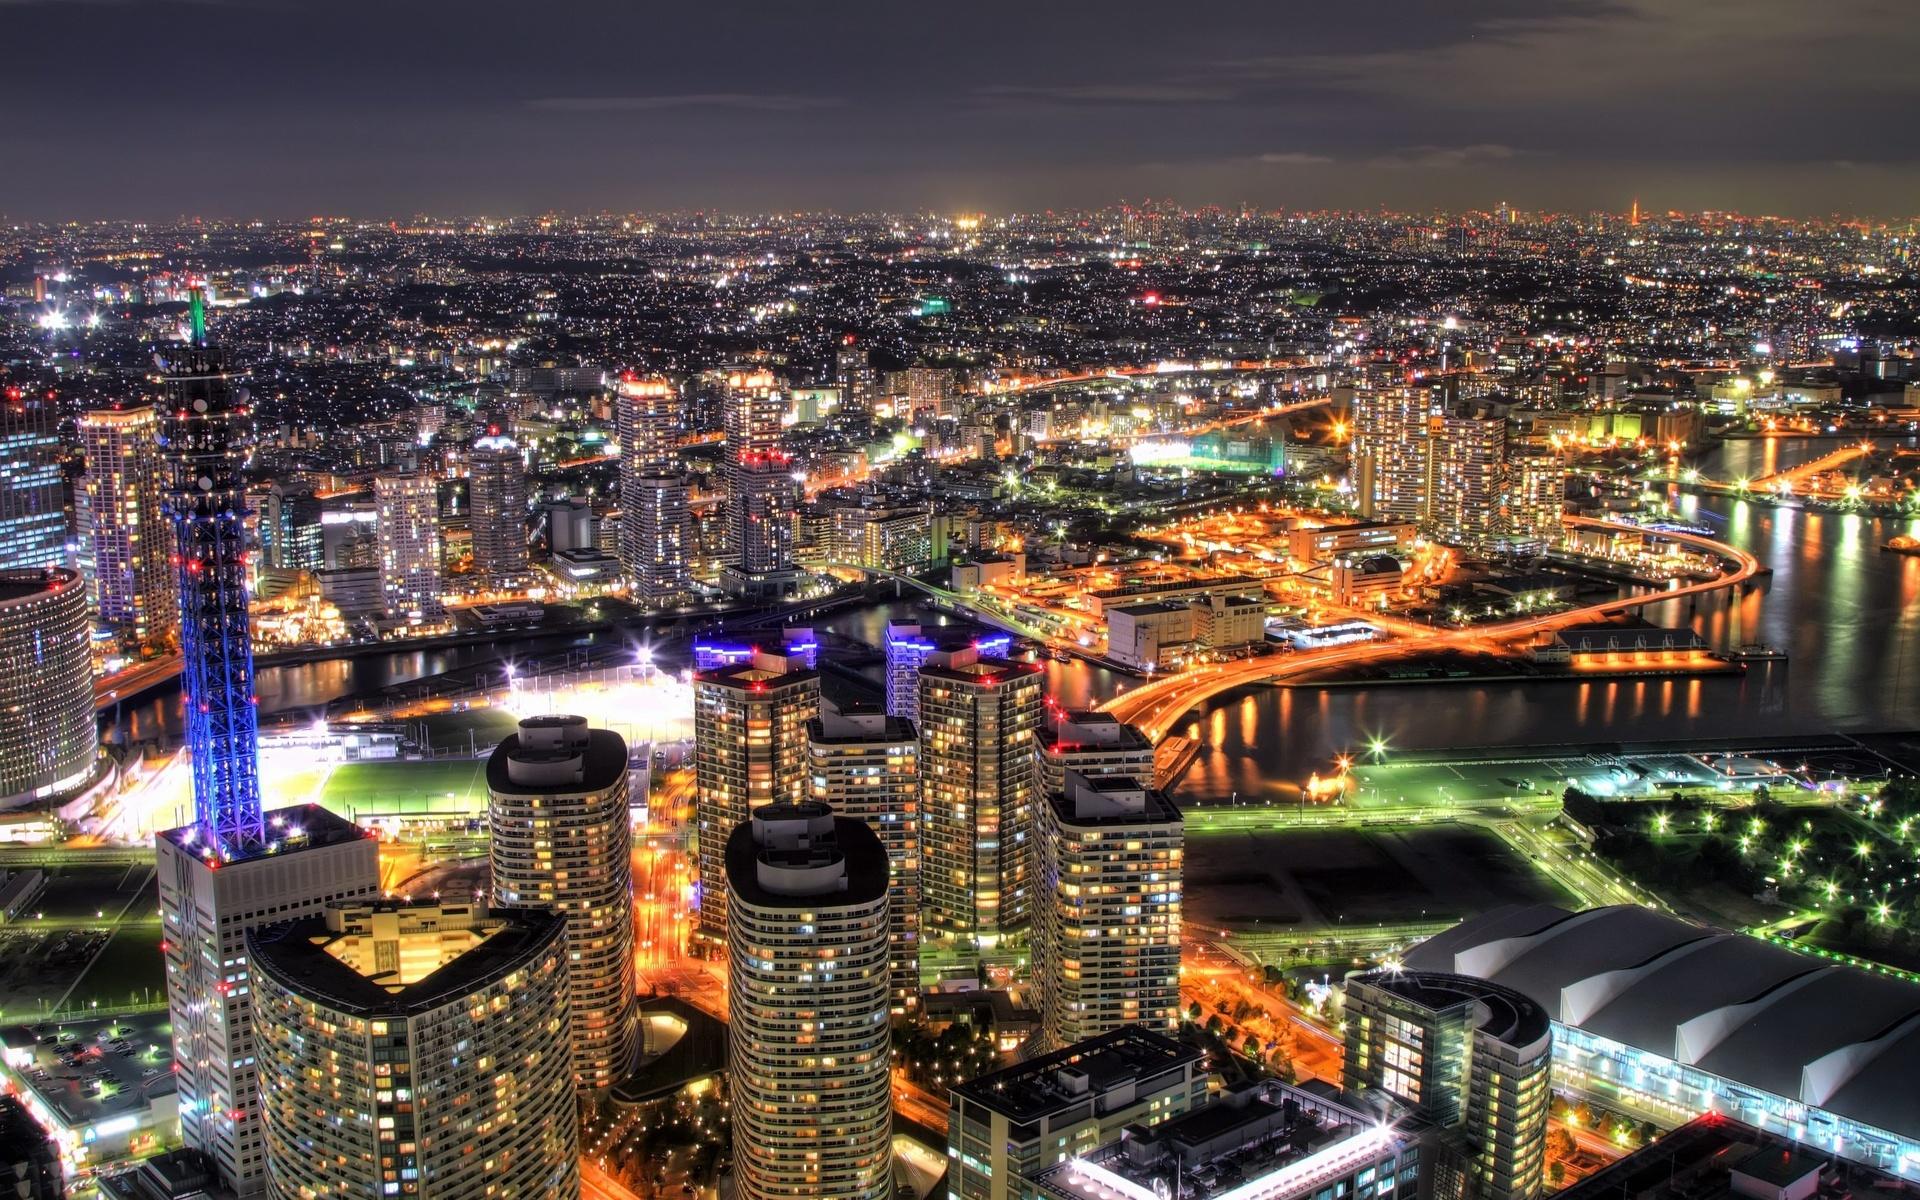 night-and-lights-lieux-insolites-pour-des-voyages-exeptionnels